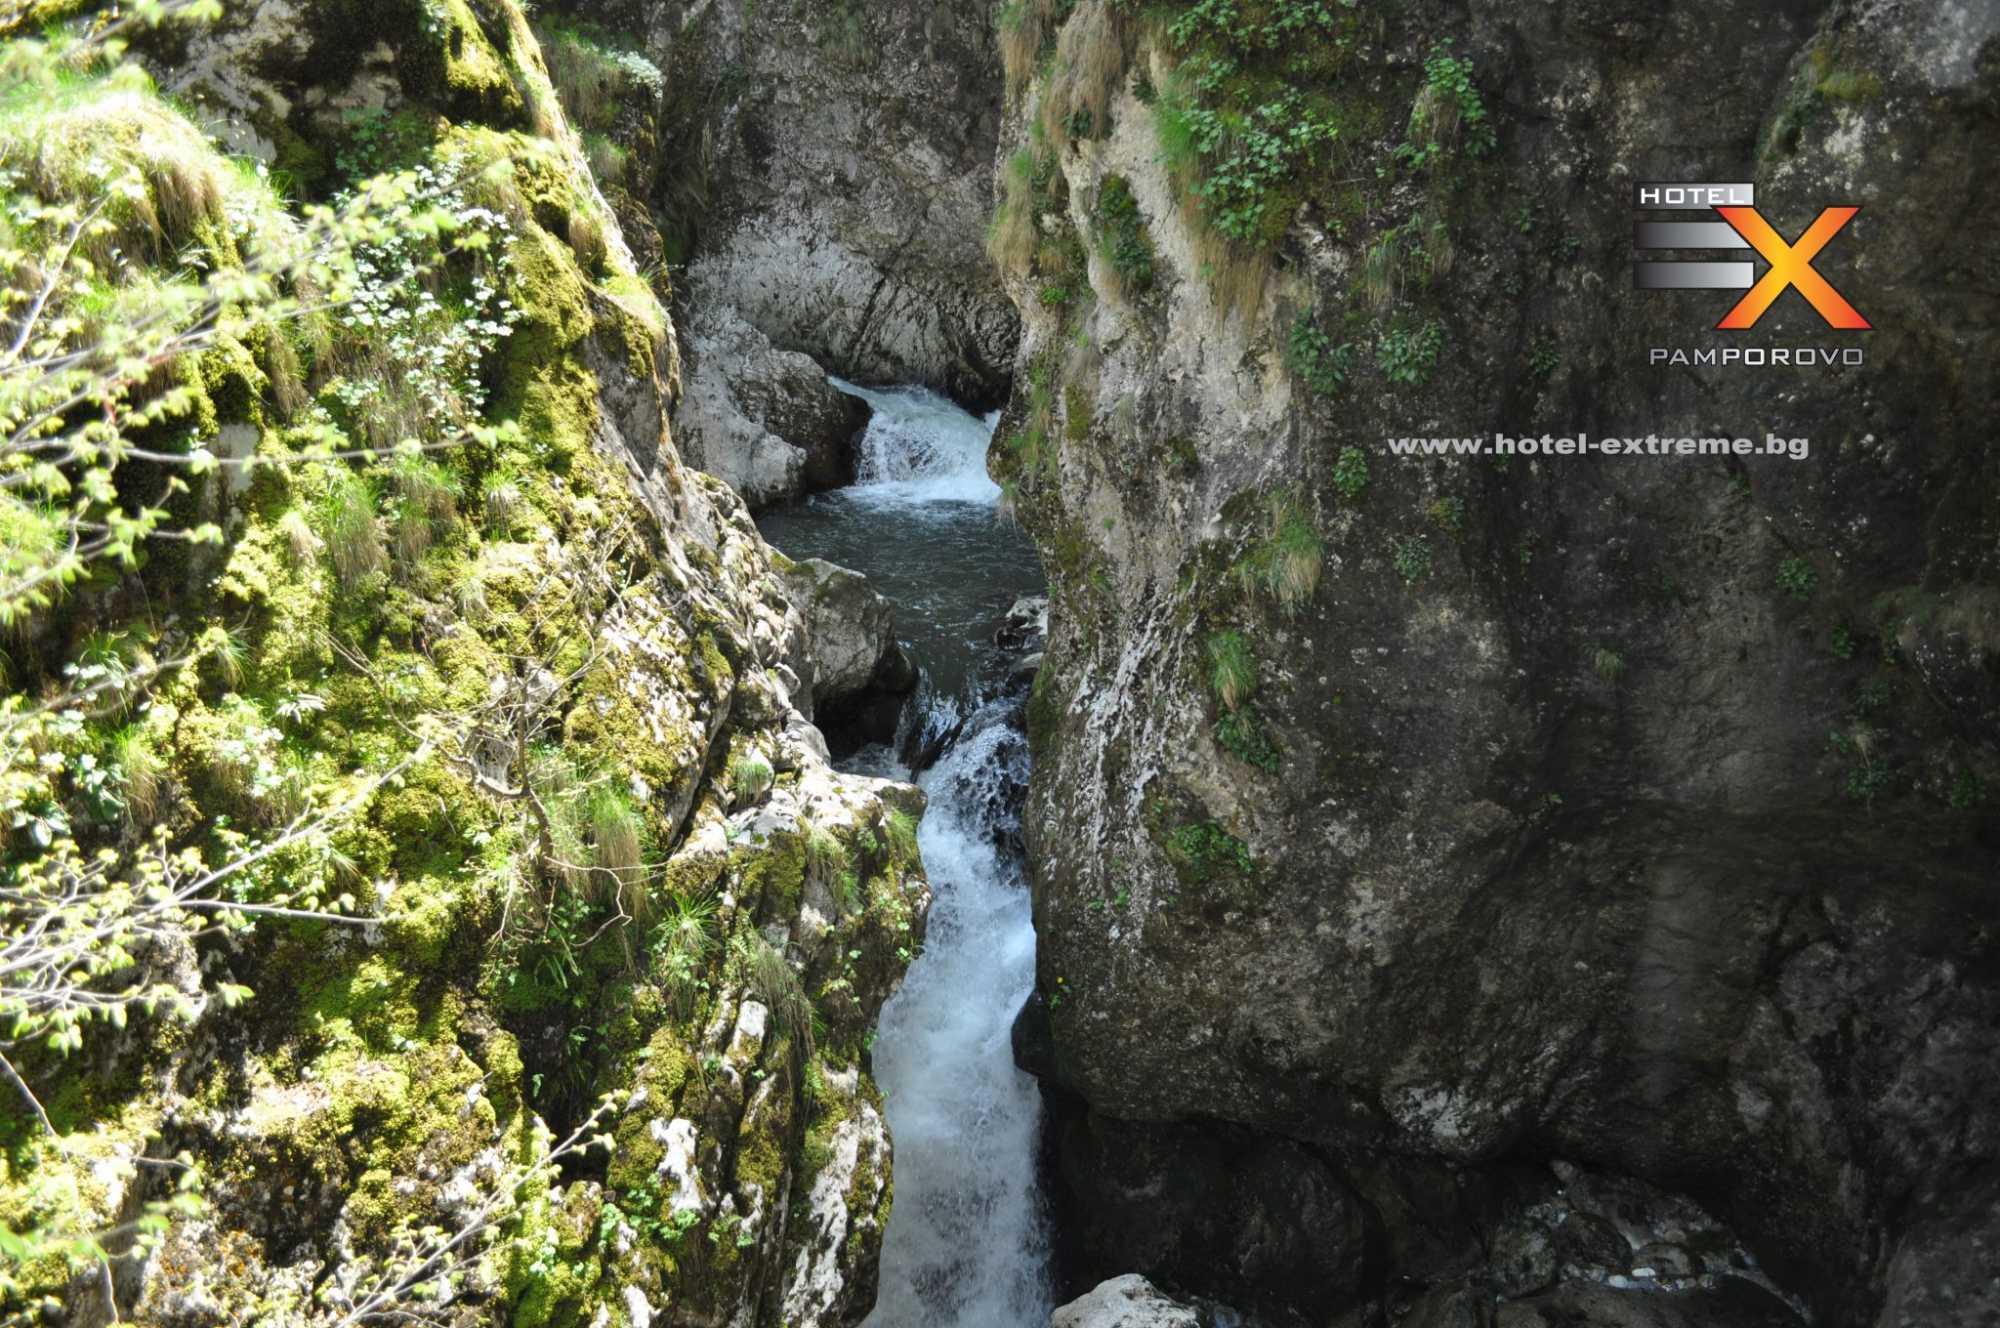 Реката, която влиза в пещерата Дяволското гърло